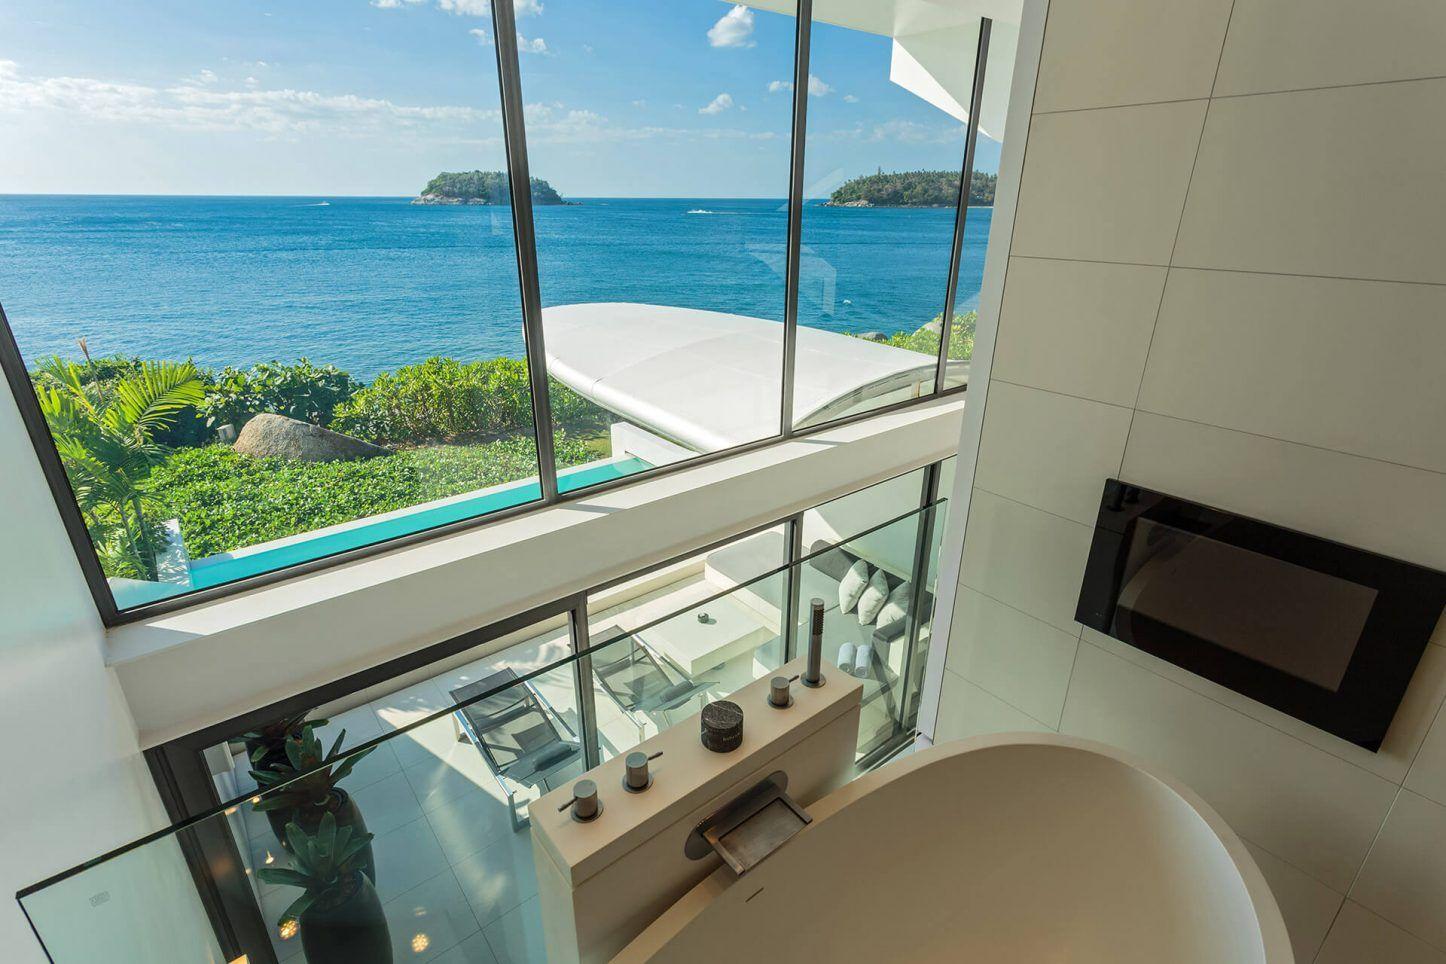 Loft bedroom privacy  Kata Rocksu onebedroom uOcean Pool Loftu Sky Villas are the